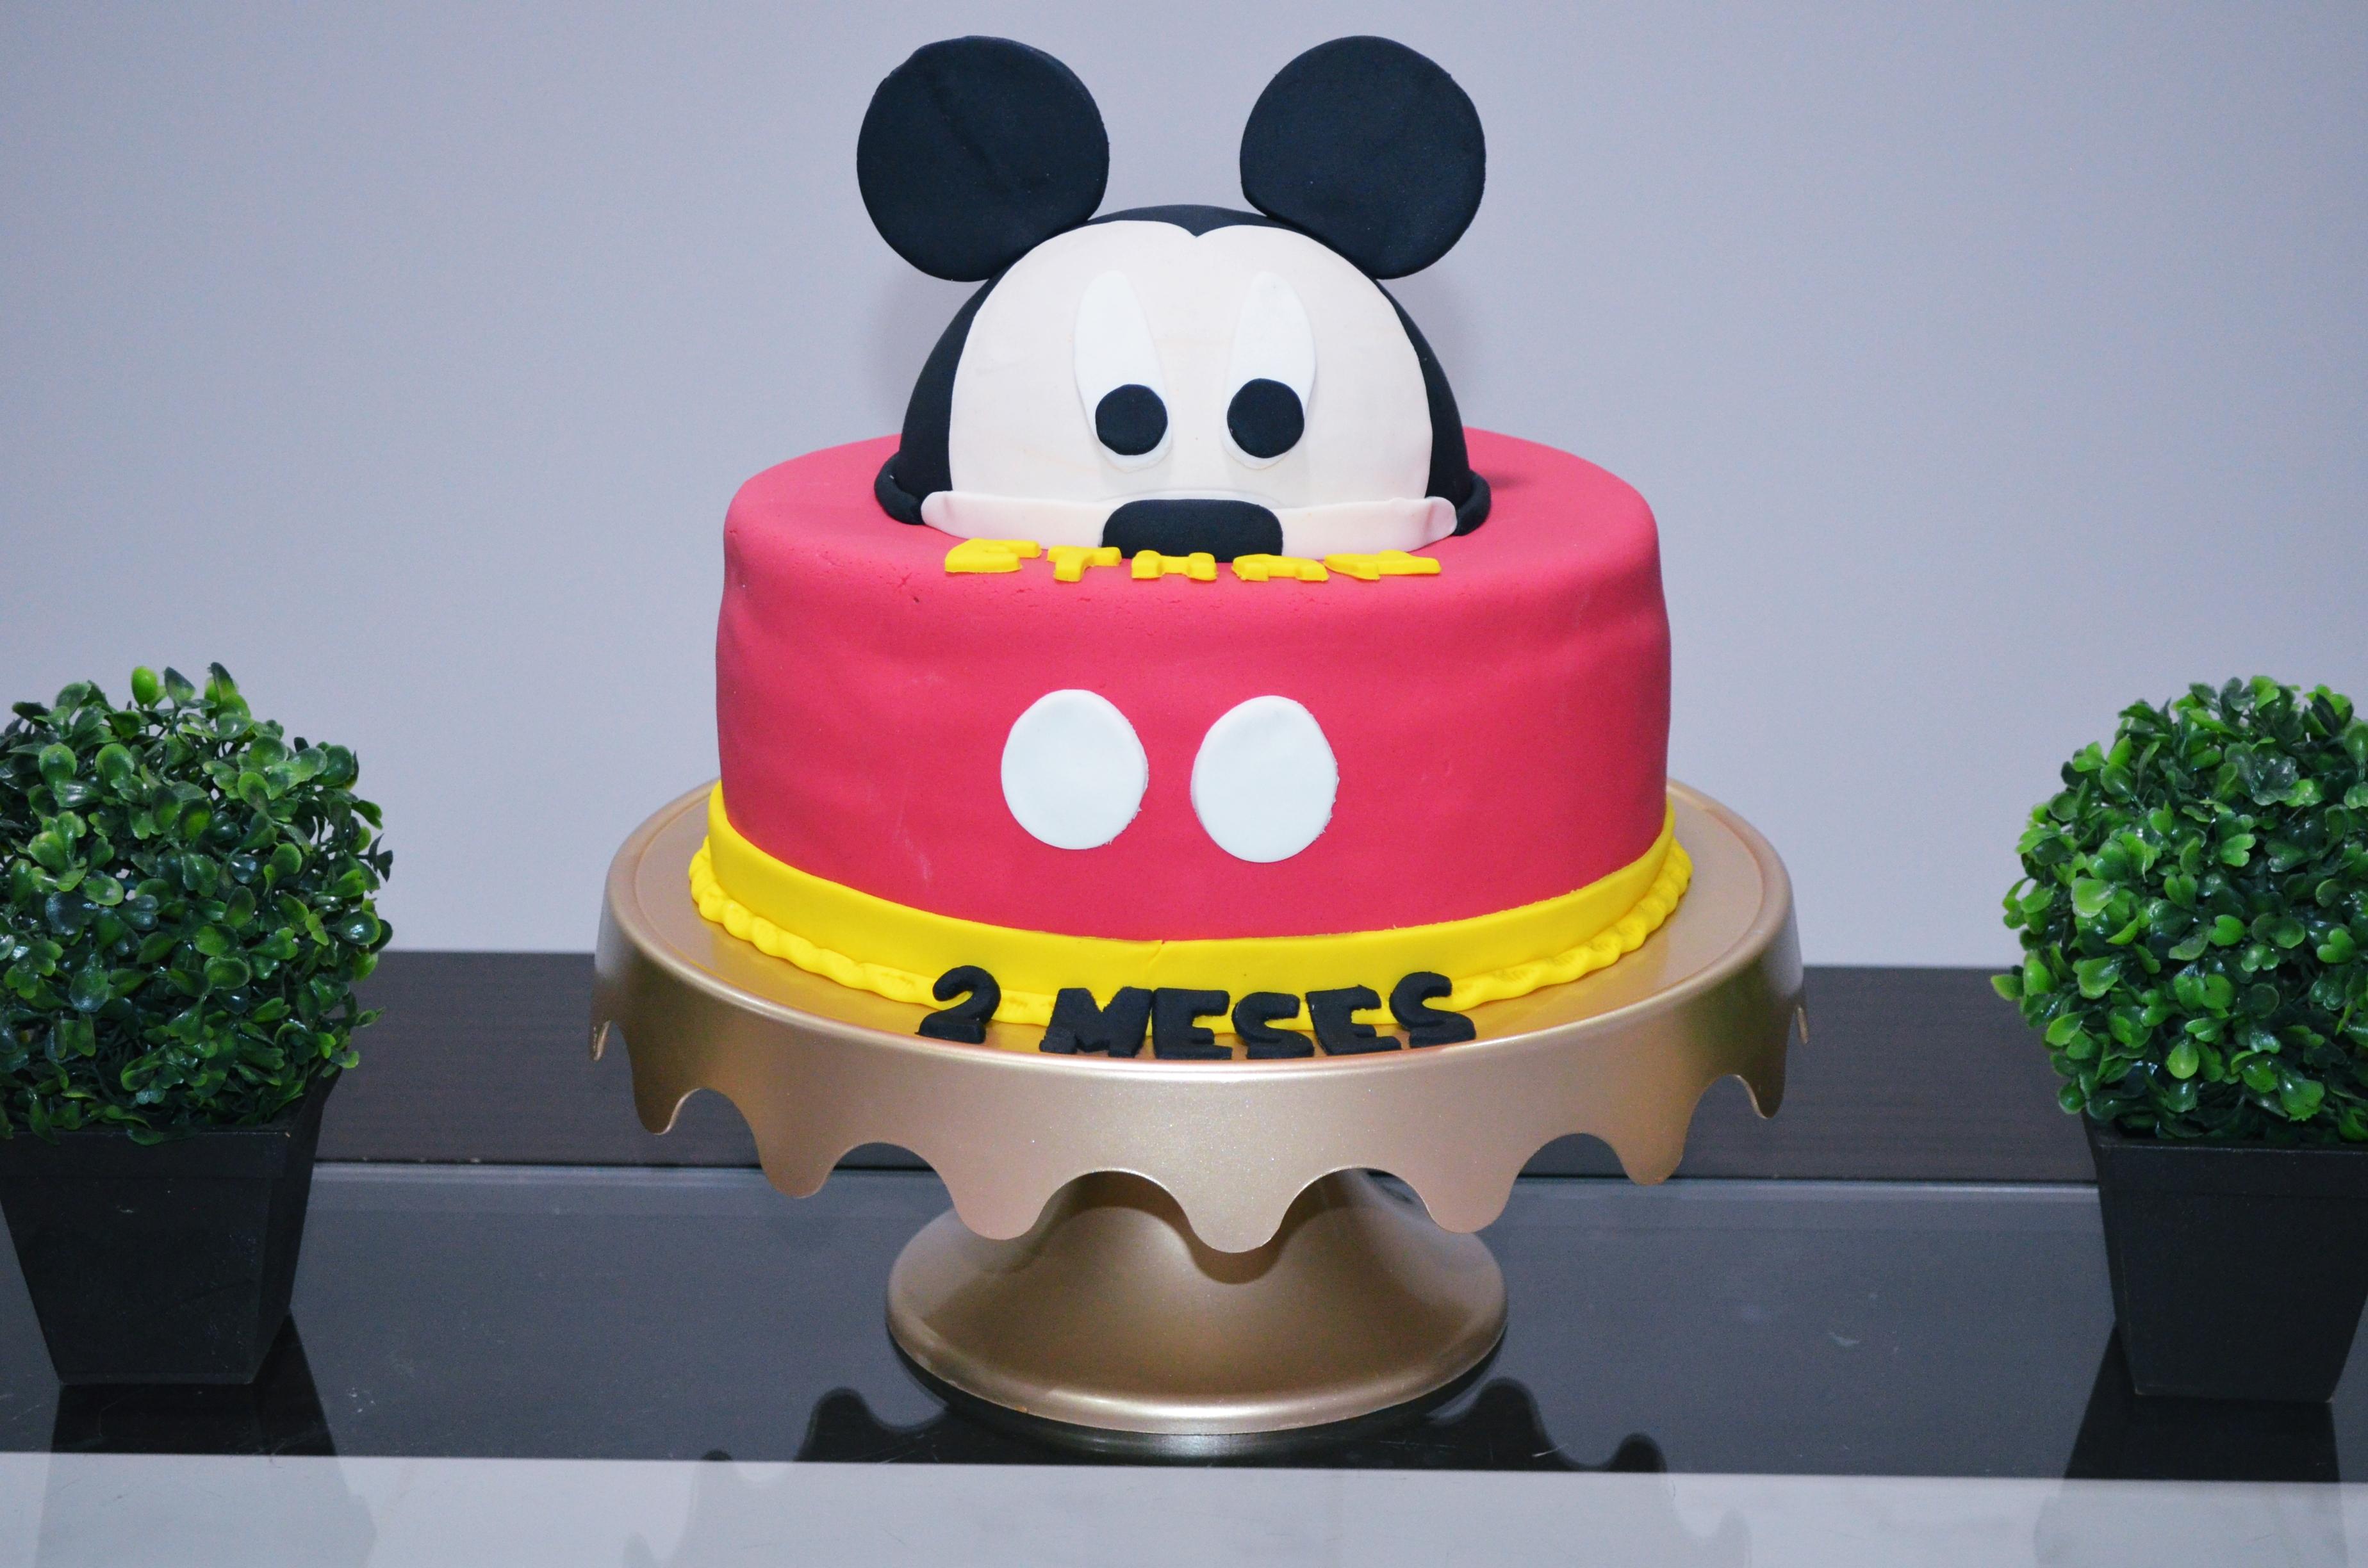 2 mesversario baby ethan - tema mickey mouse 4